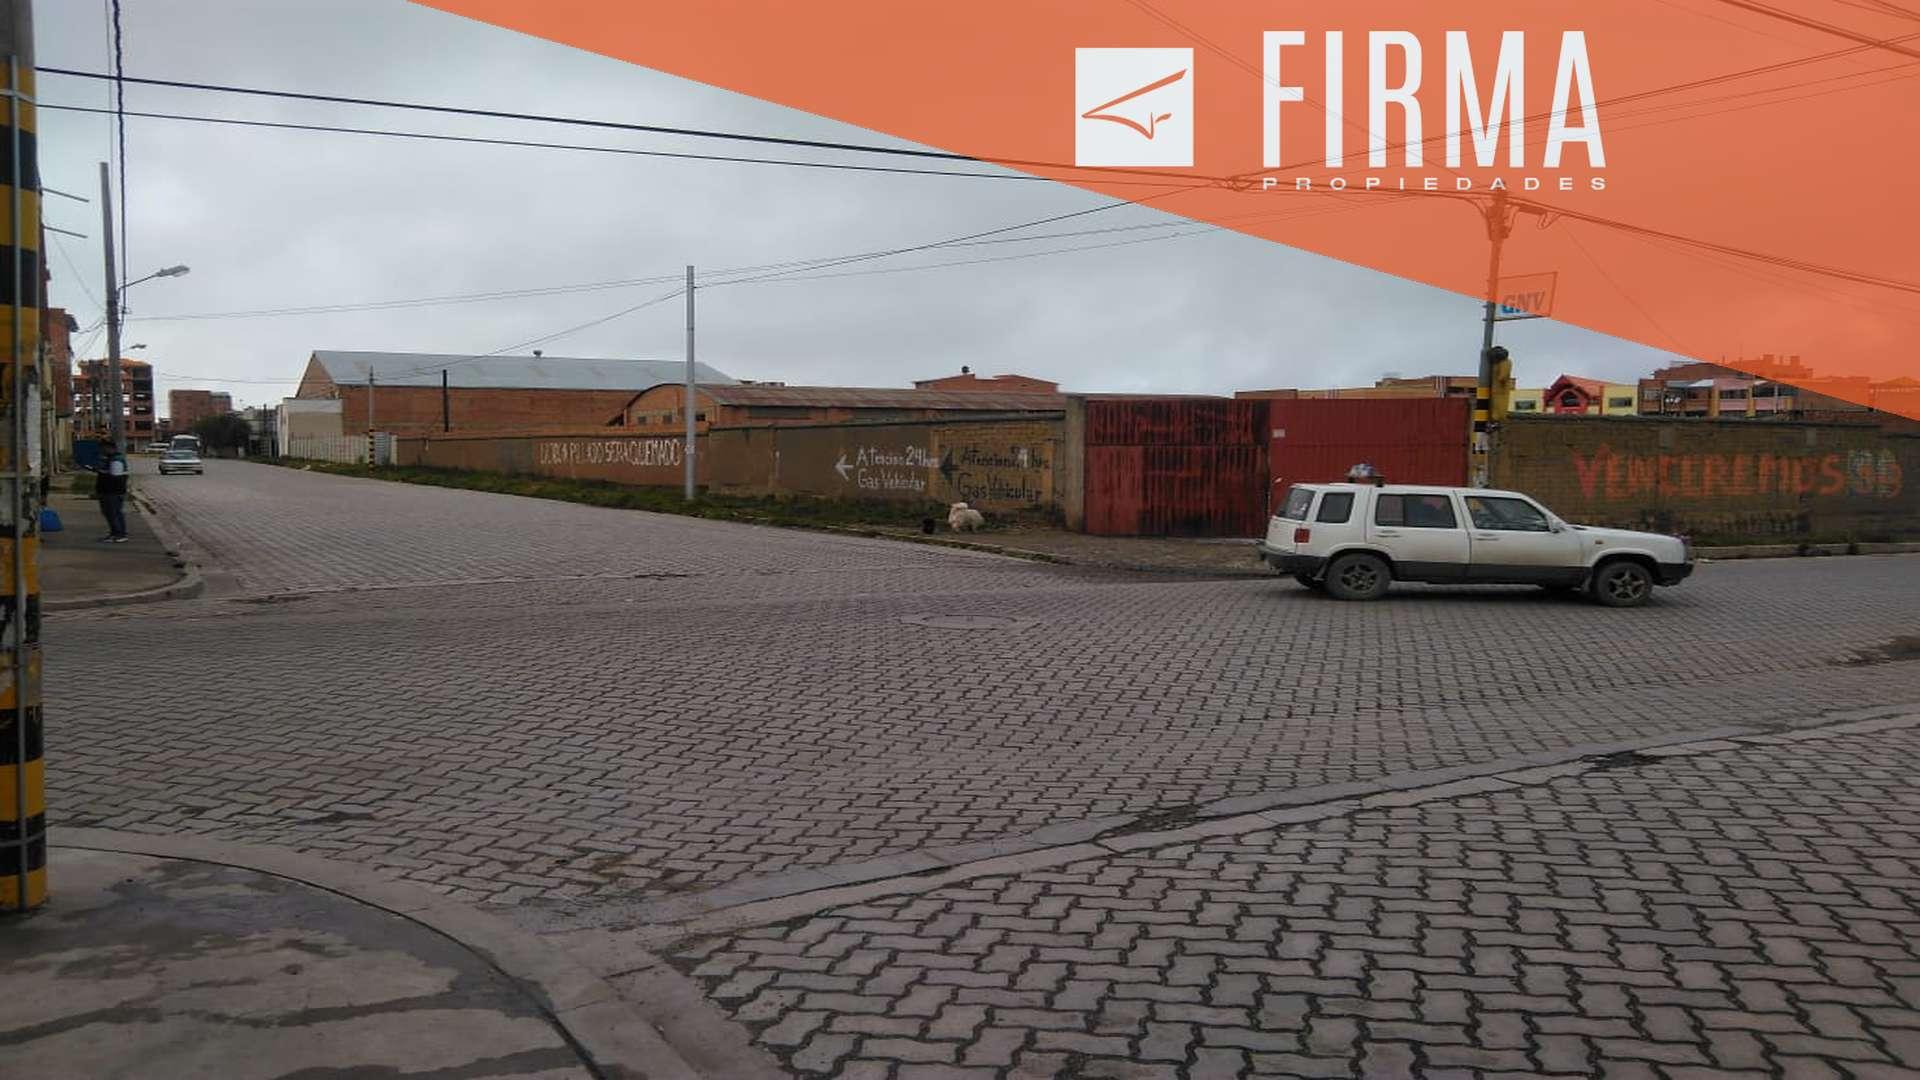 Terreno en Venta FTV36593 – COMPRA TU TERRENO EN EL ALTO Foto 10